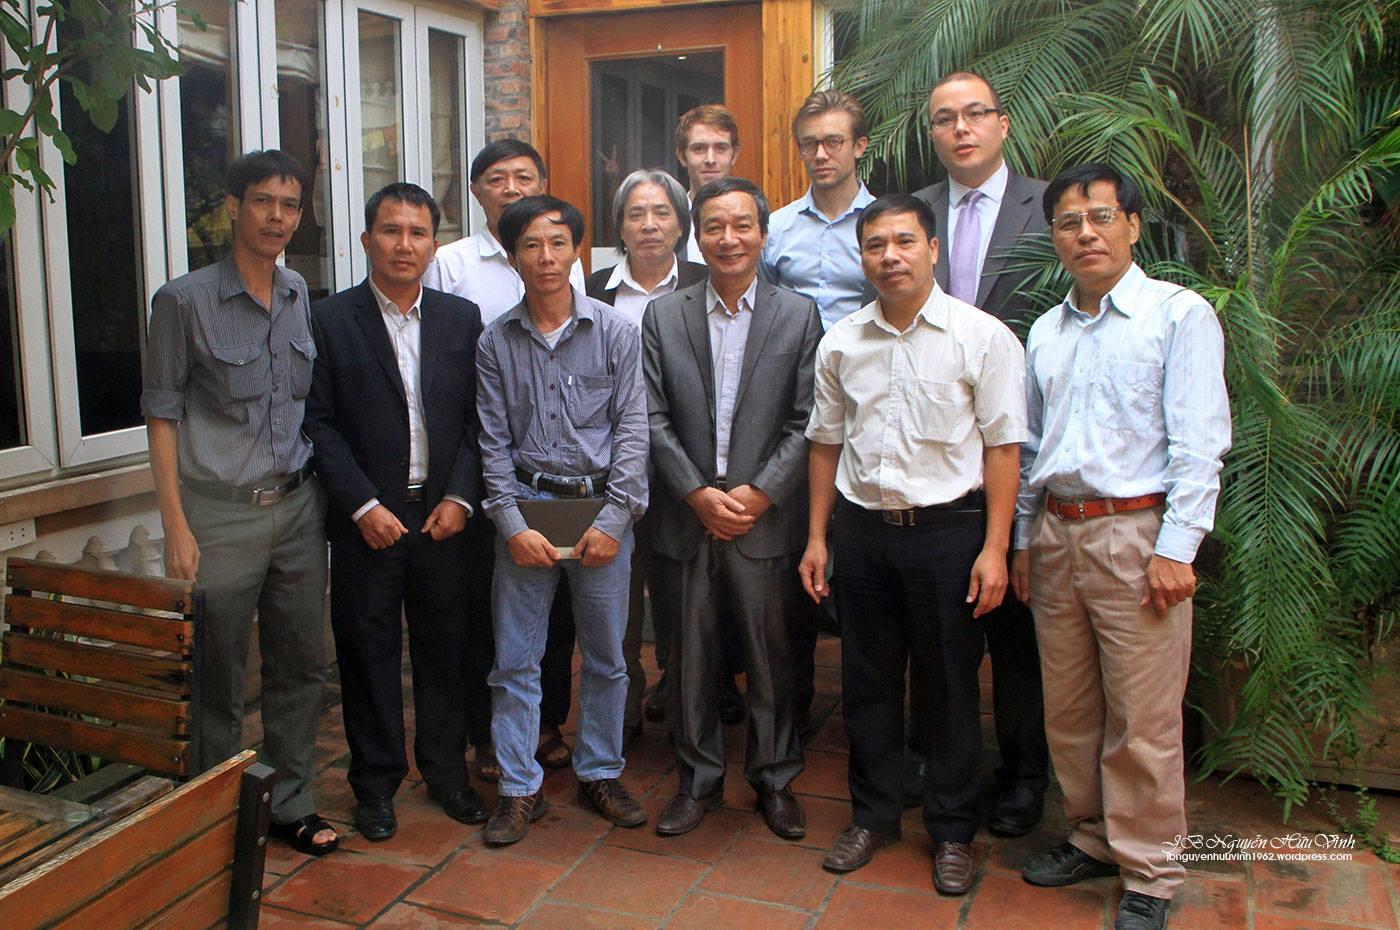 Hà Nội: Hội Nhà Báo Độc Lập Việt Nam tọa đàm công khai về quyền tự do lập hội